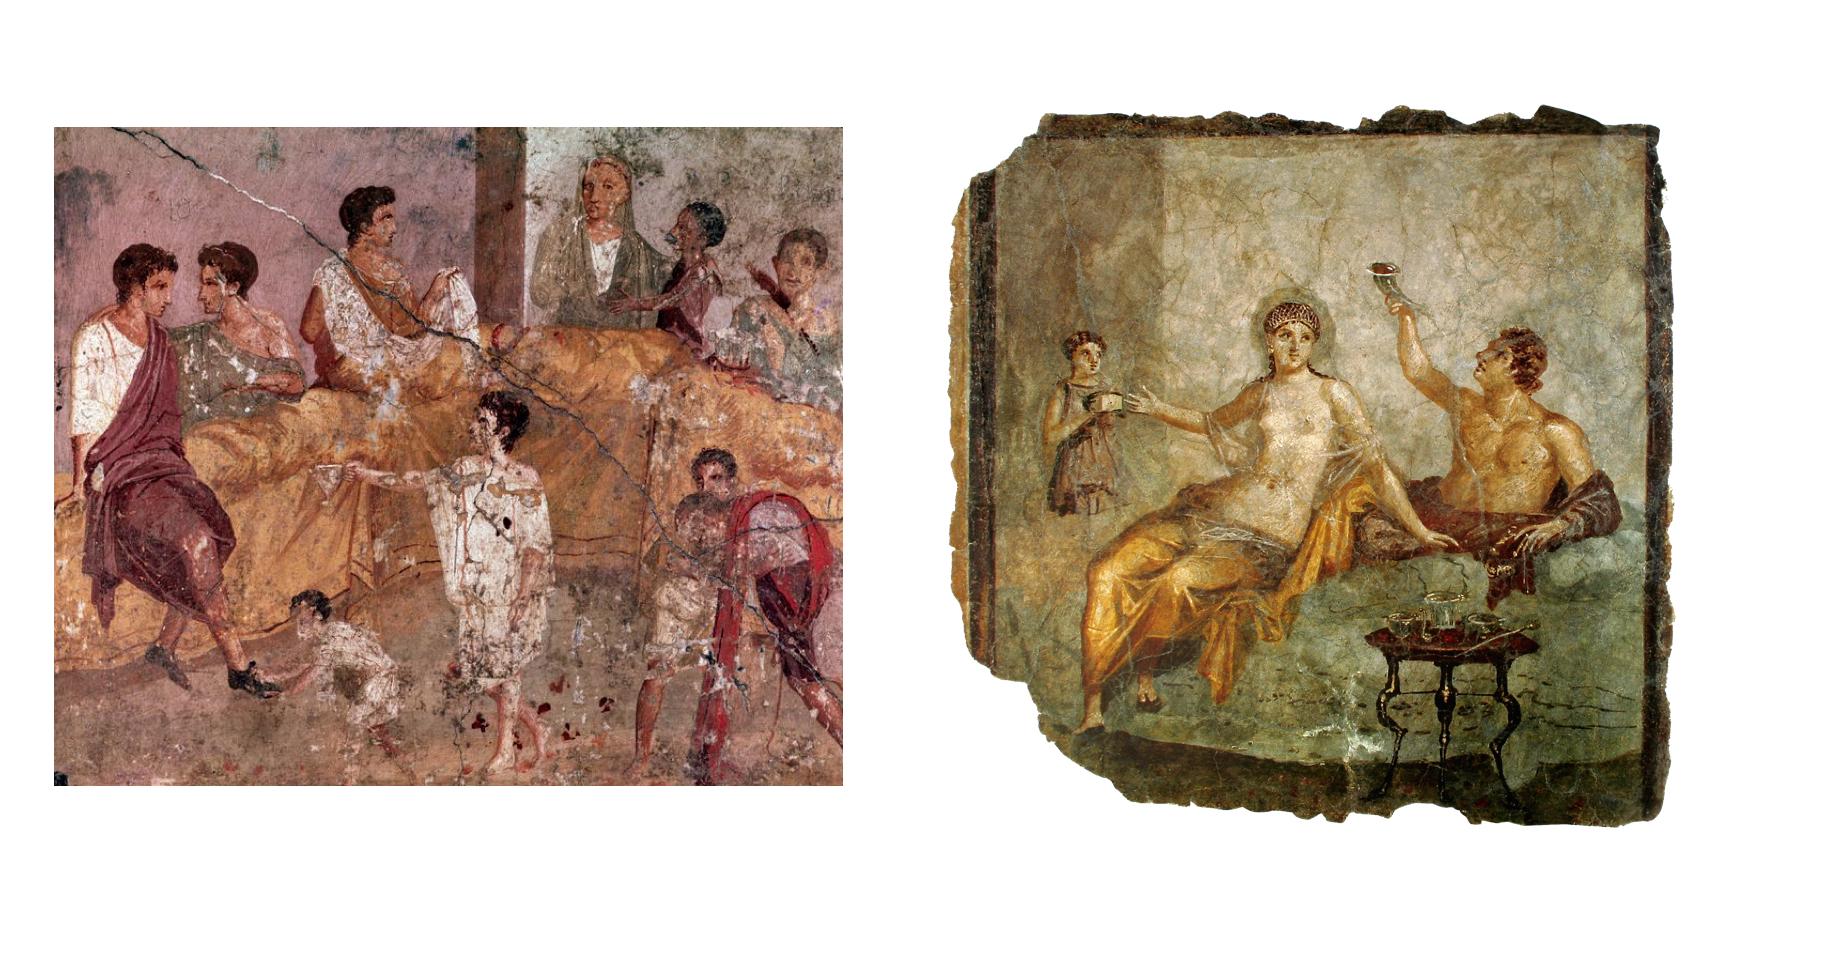 scènes orgie romaine femmes lesbiennes matures ayant des rapports sexuels